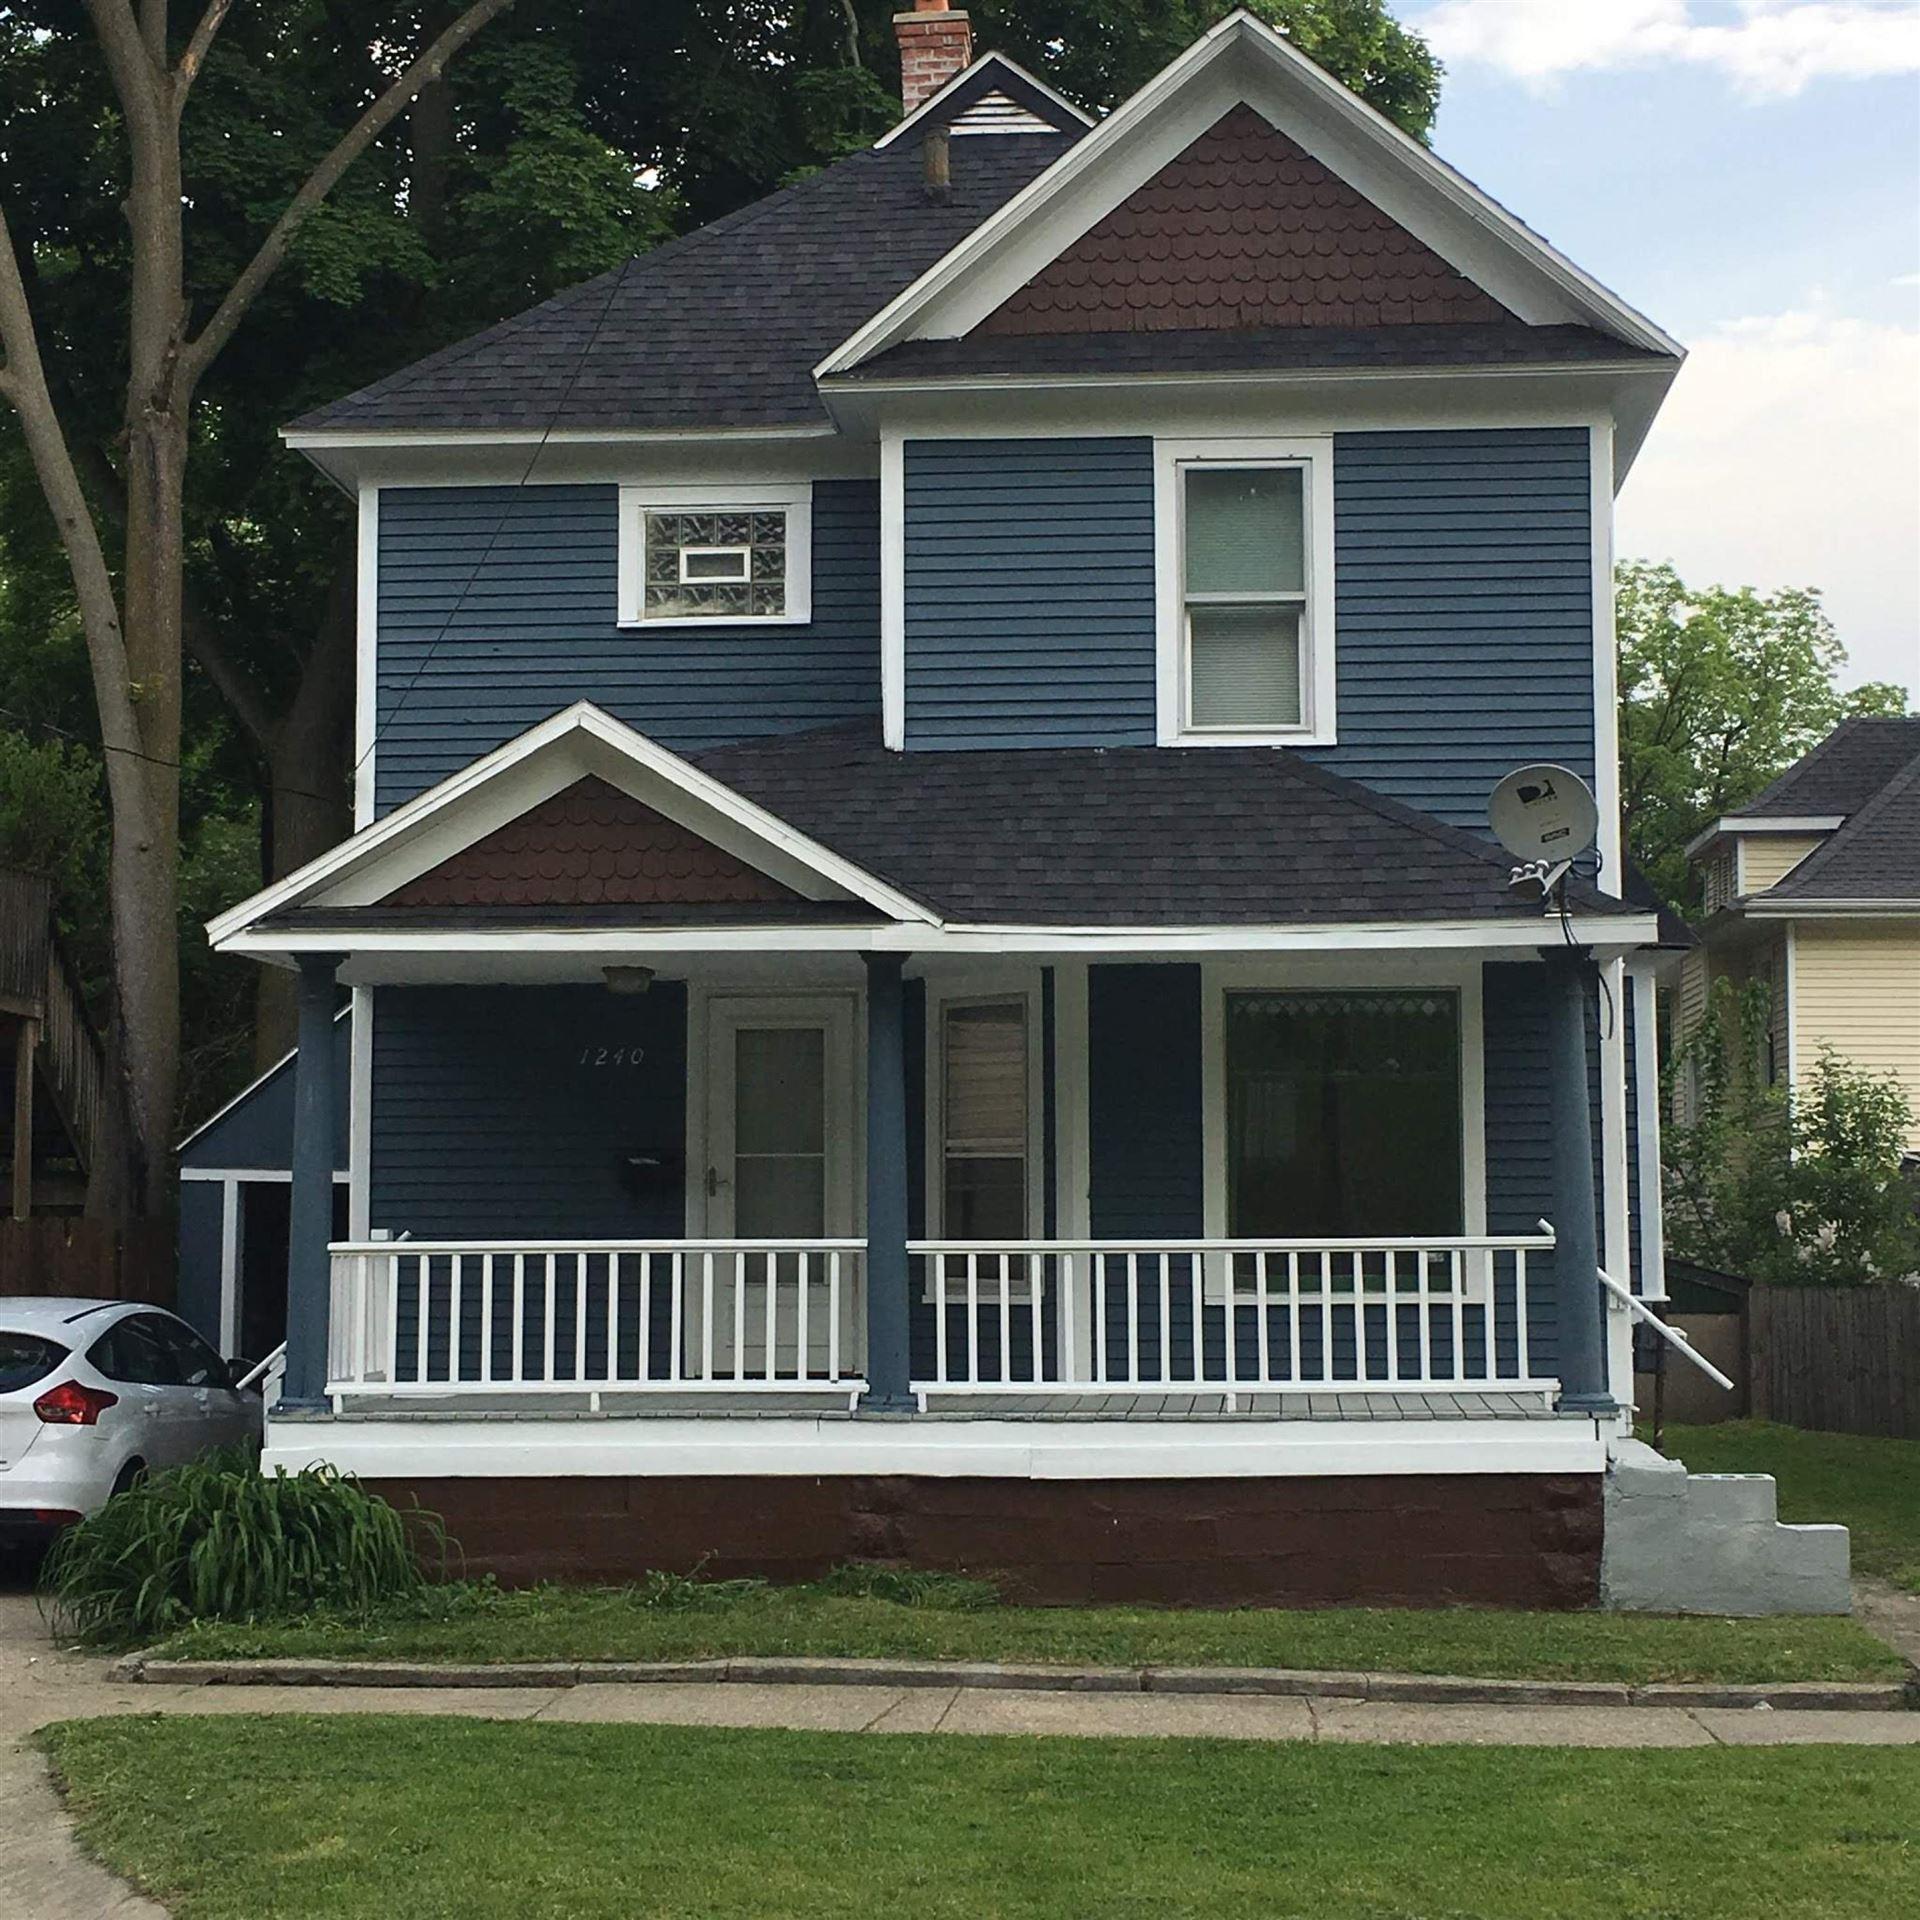 1240 Forbes Street, Kalamazoo, MI 49006 - MLS#: 21111086